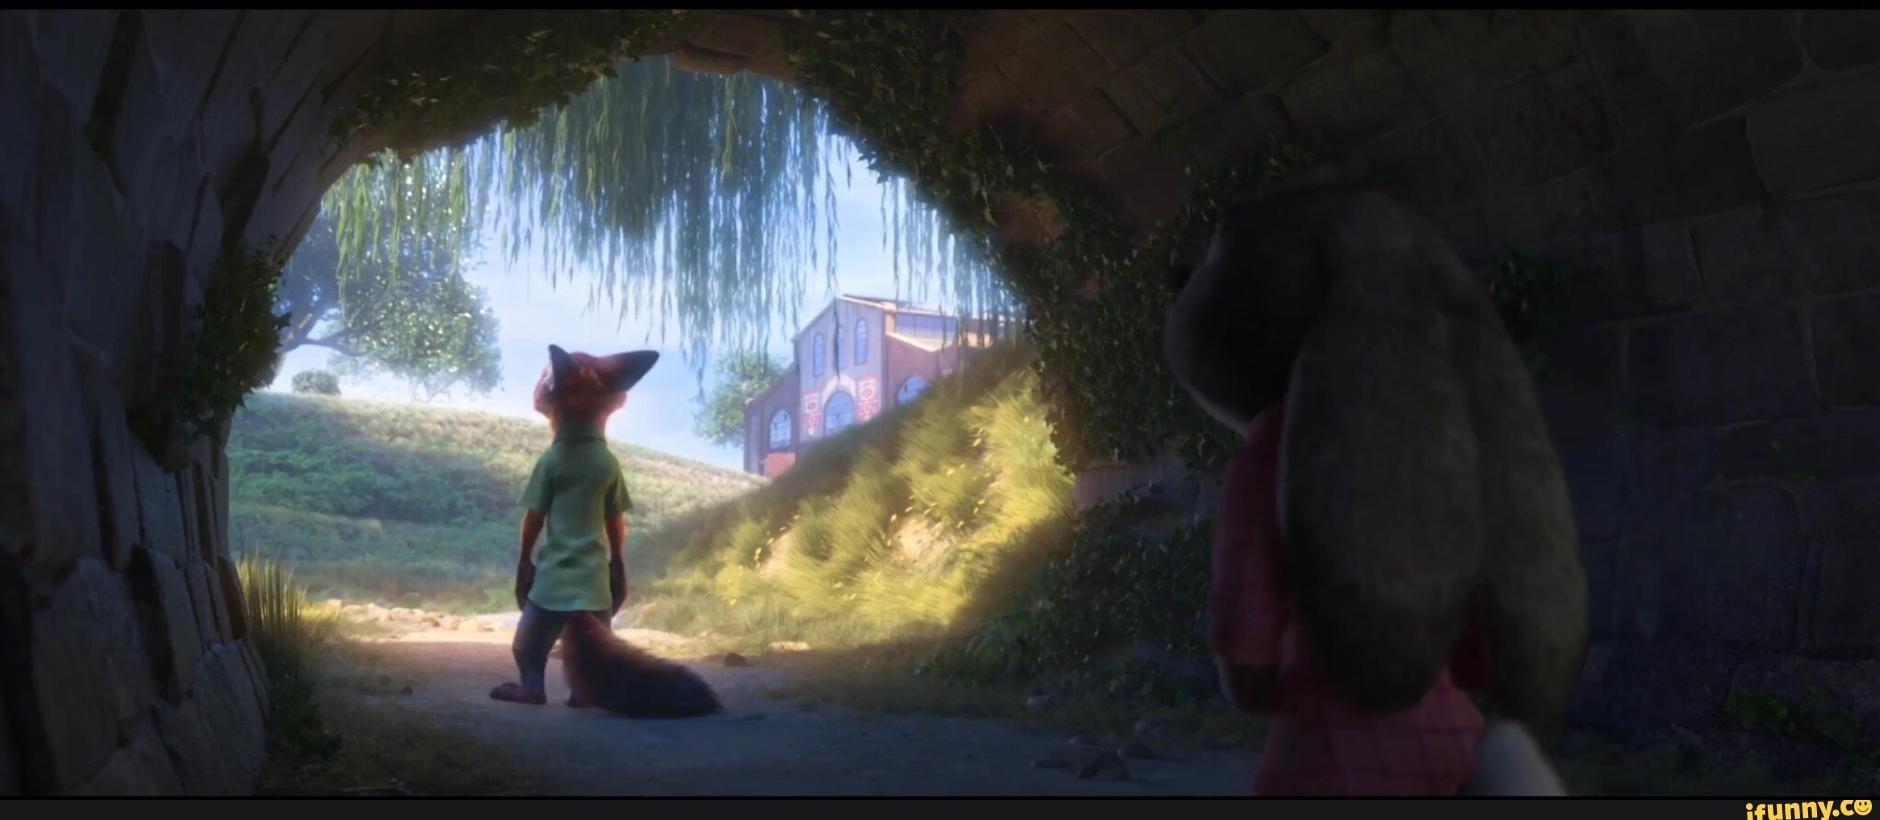 ¿Porqué se molesta Nick cuando Judy es reconocida como heroína?